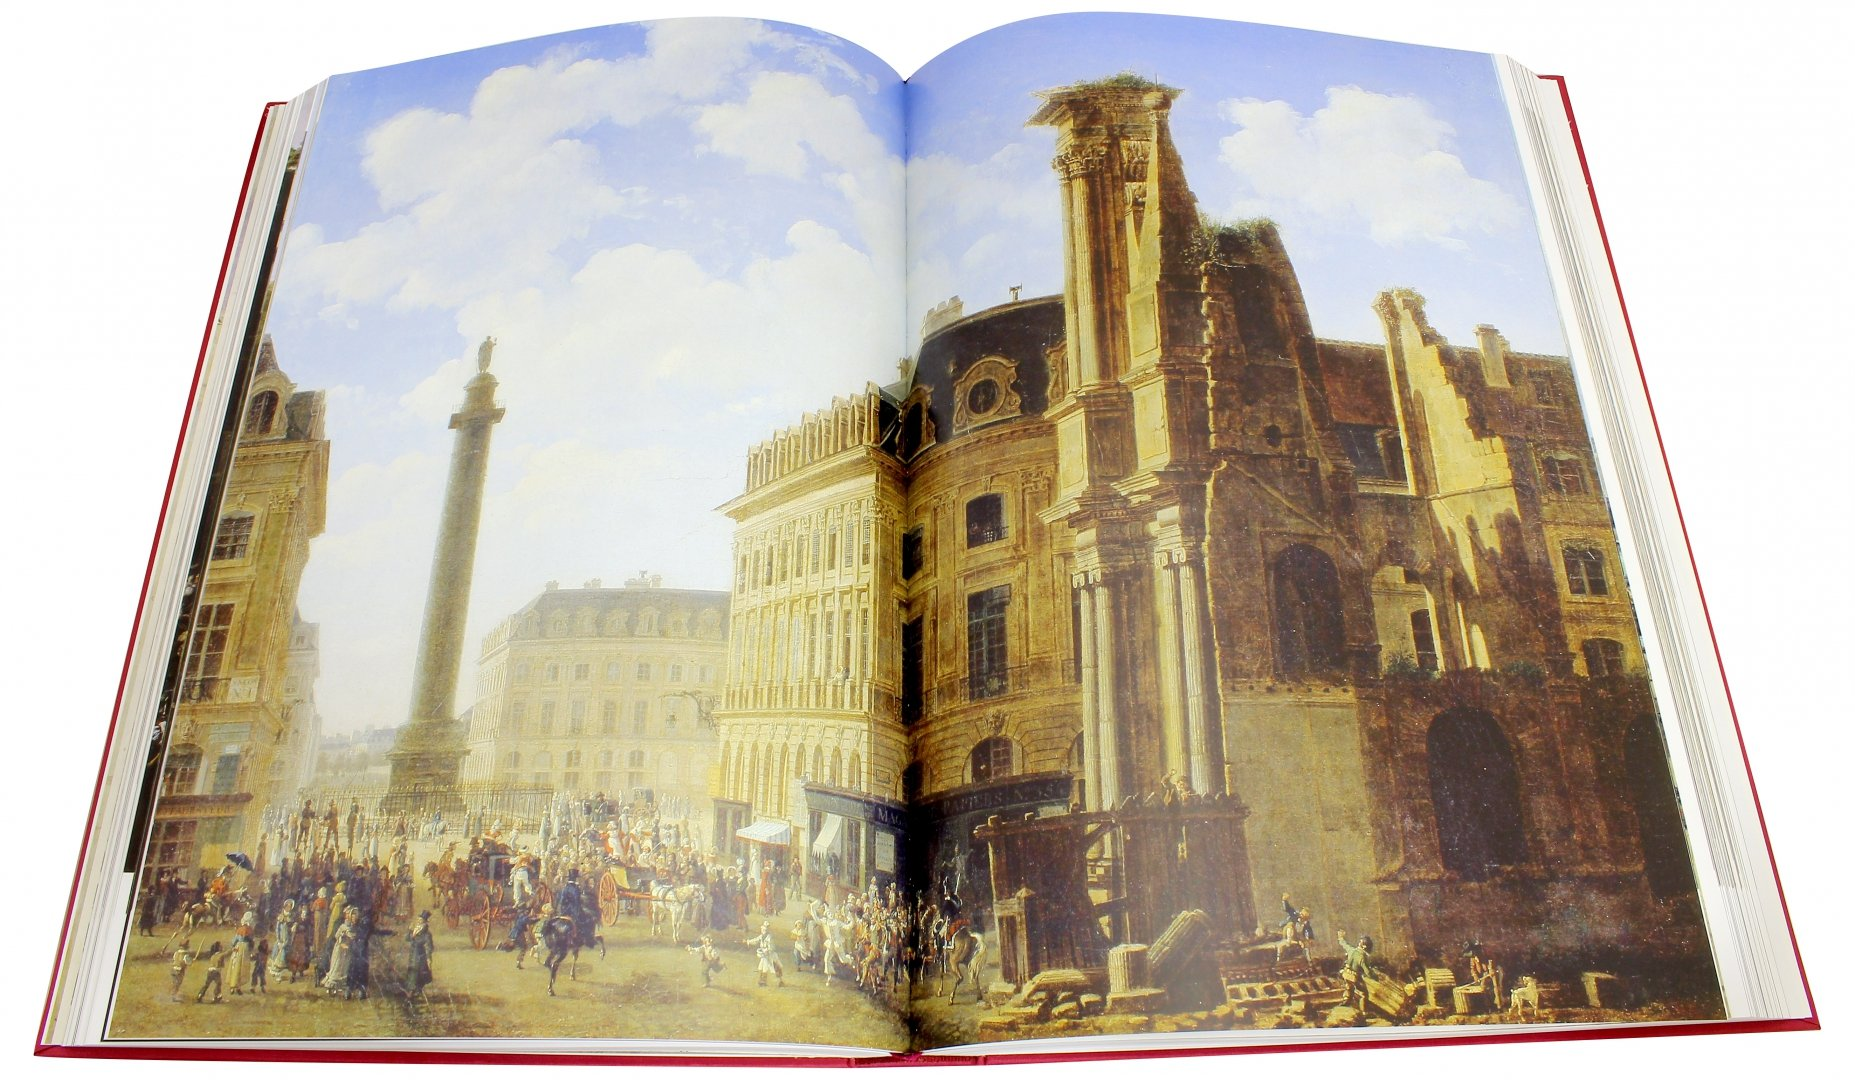 Иллюстрация 2 из 2 для Париж в произведениях искусства (в футляре) - Брюнель, Совиньи, Ринуи, Руссо, Весс, Линдт-Руссо   Лабиринт - книги. Источник: Лабиринт